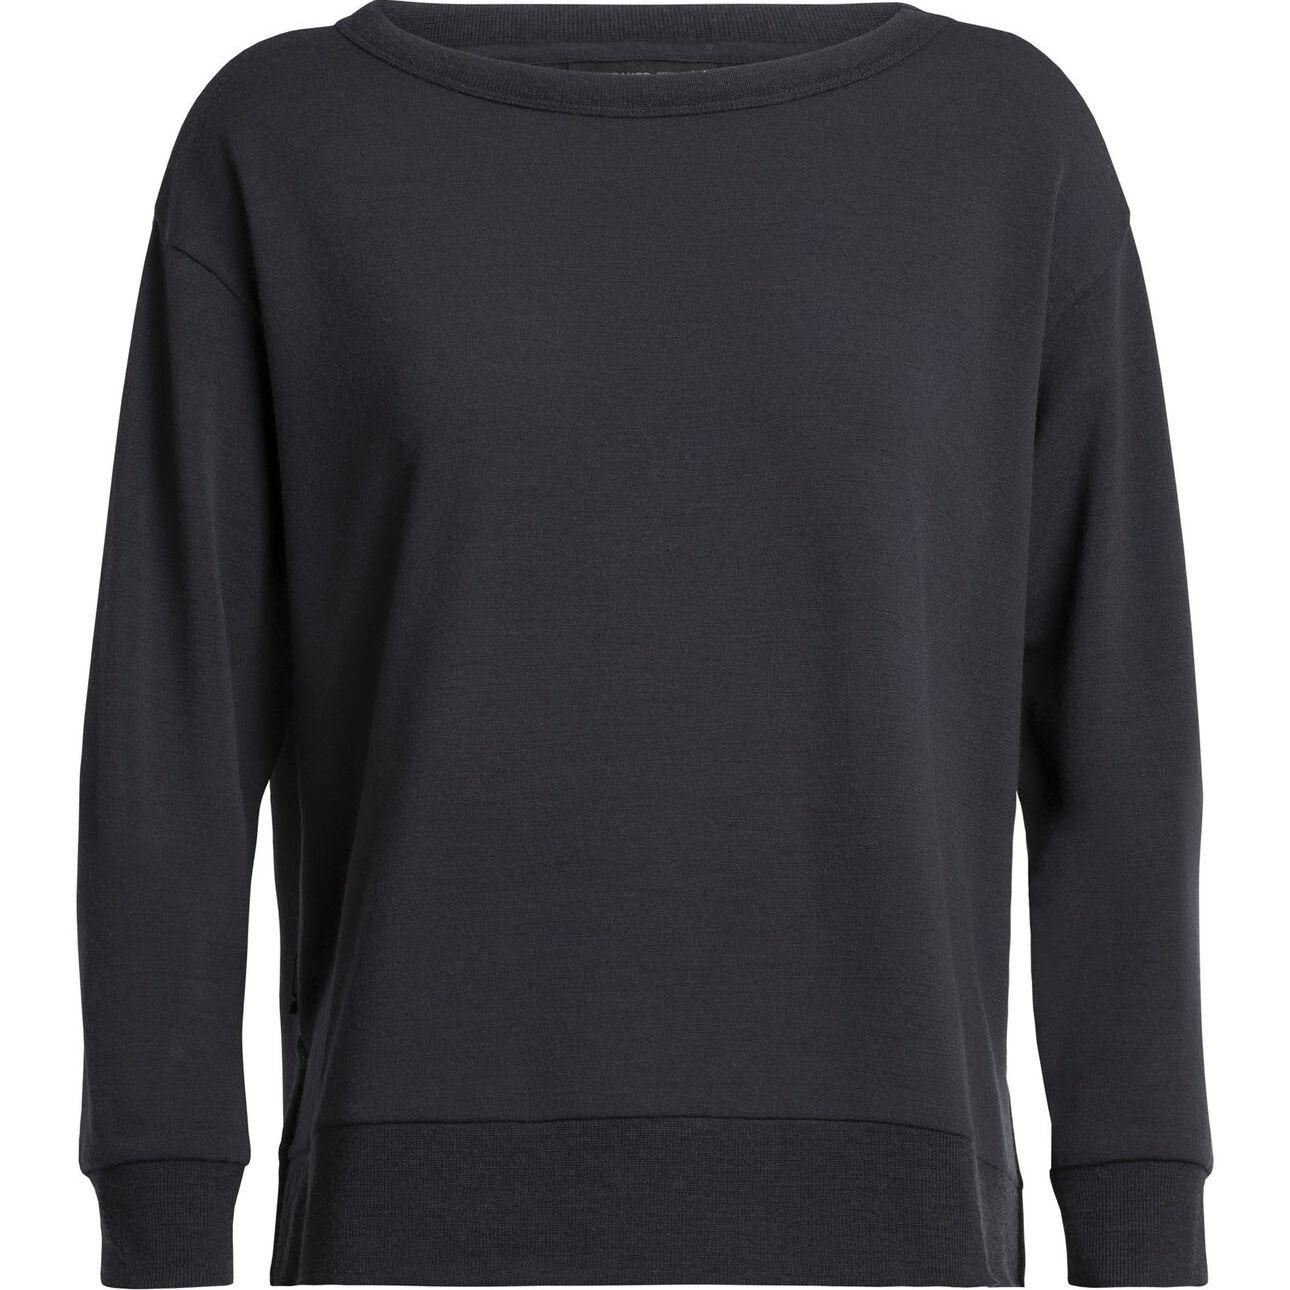 Icebreaker Women's RealFleece® Merino Long Sleeve Crewe Pullover